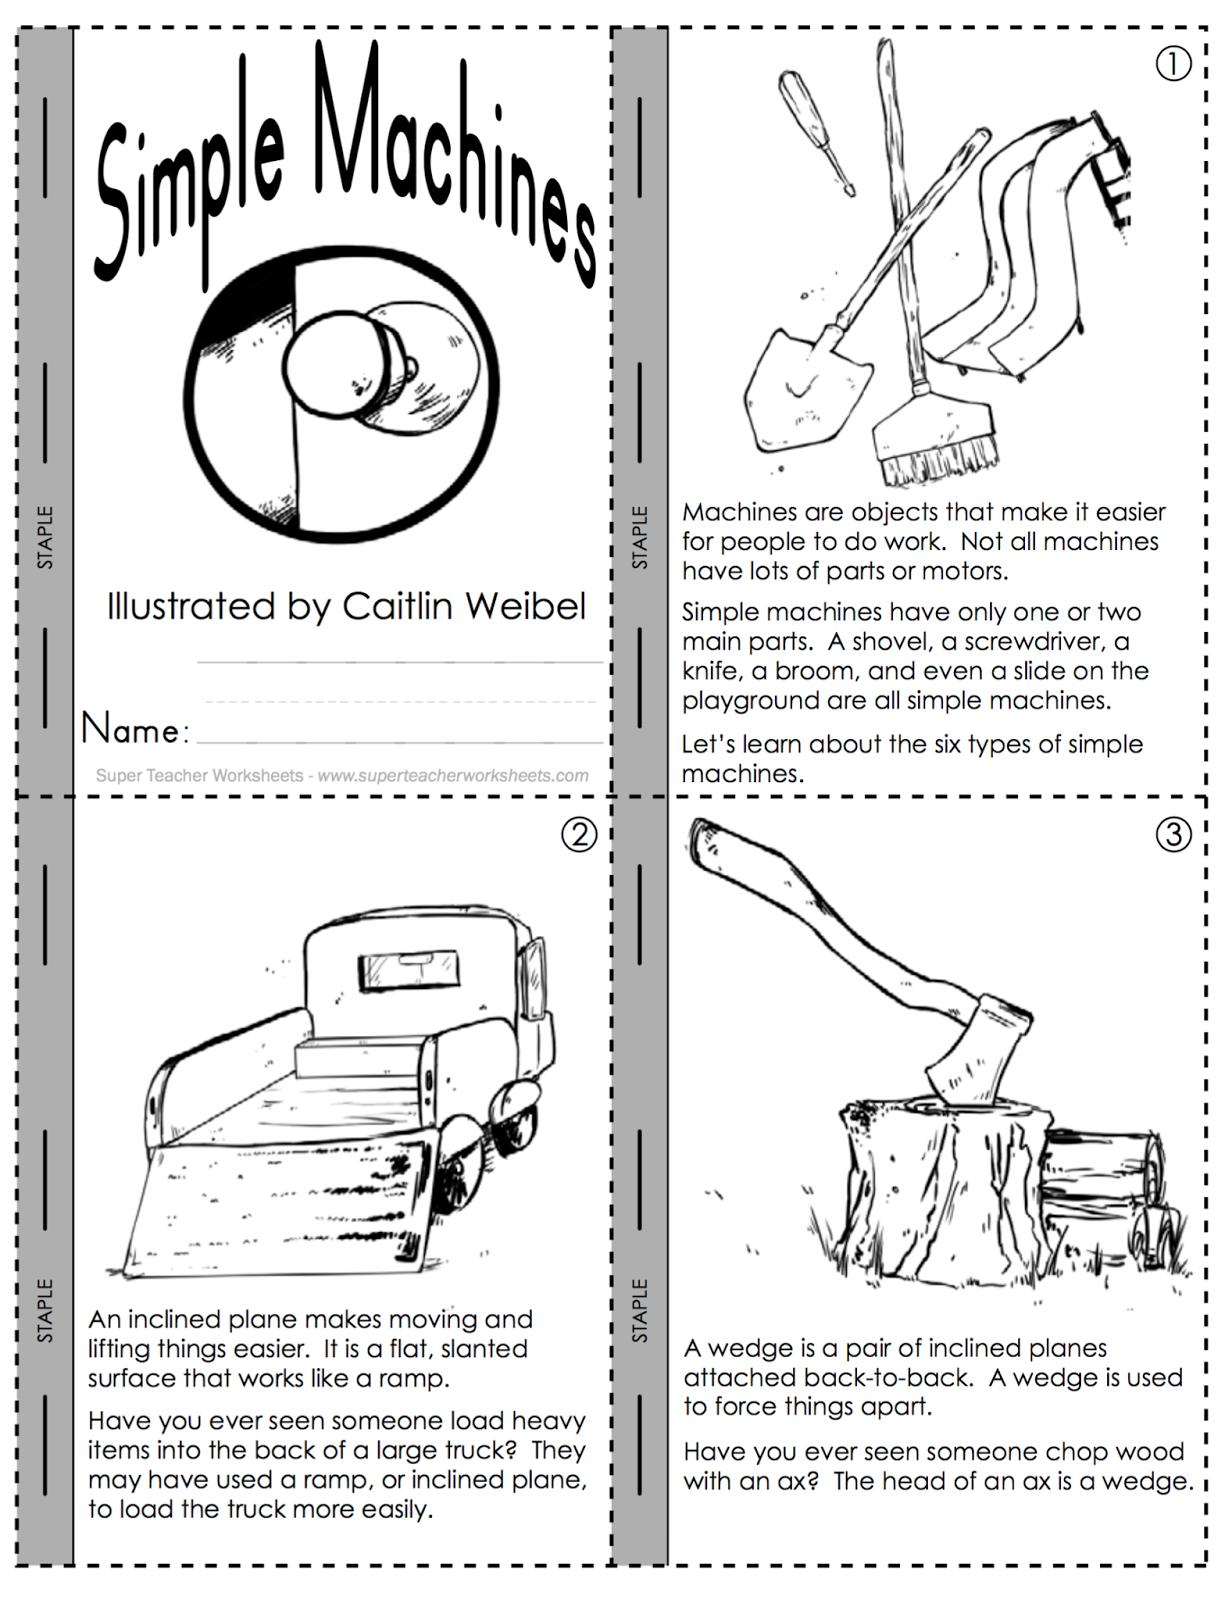 medium resolution of Dragon's Den Curriculum: Making Simple Machines Simple